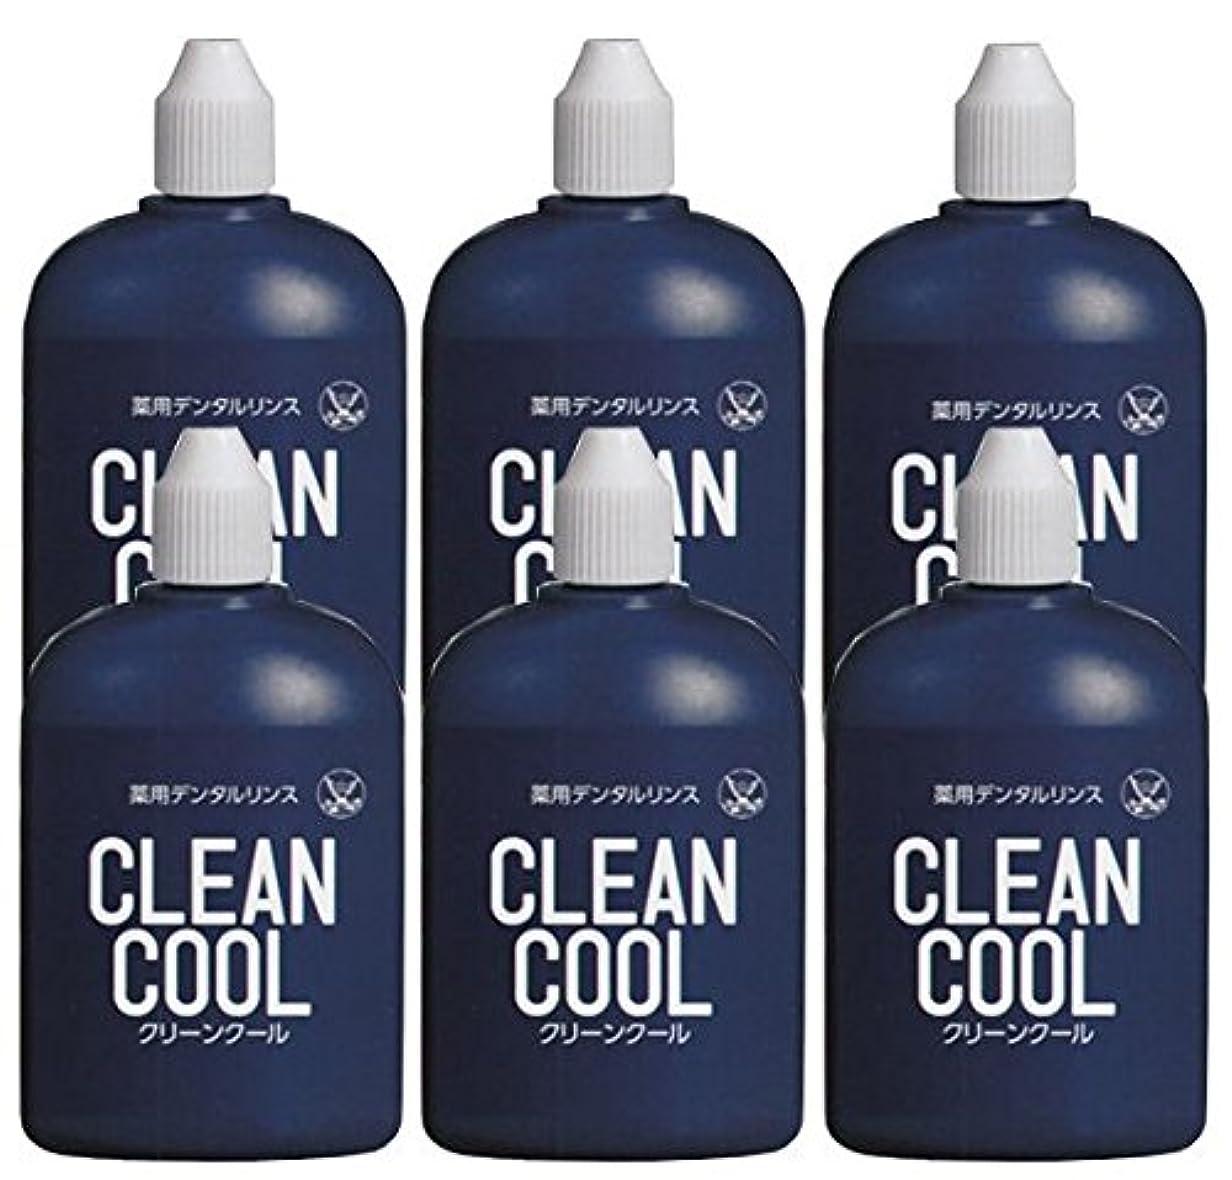 チャット耐えられる換気薬用デンタルリンス クリーンクール (CLEAN COOL) 洗口液 100ml × 6個